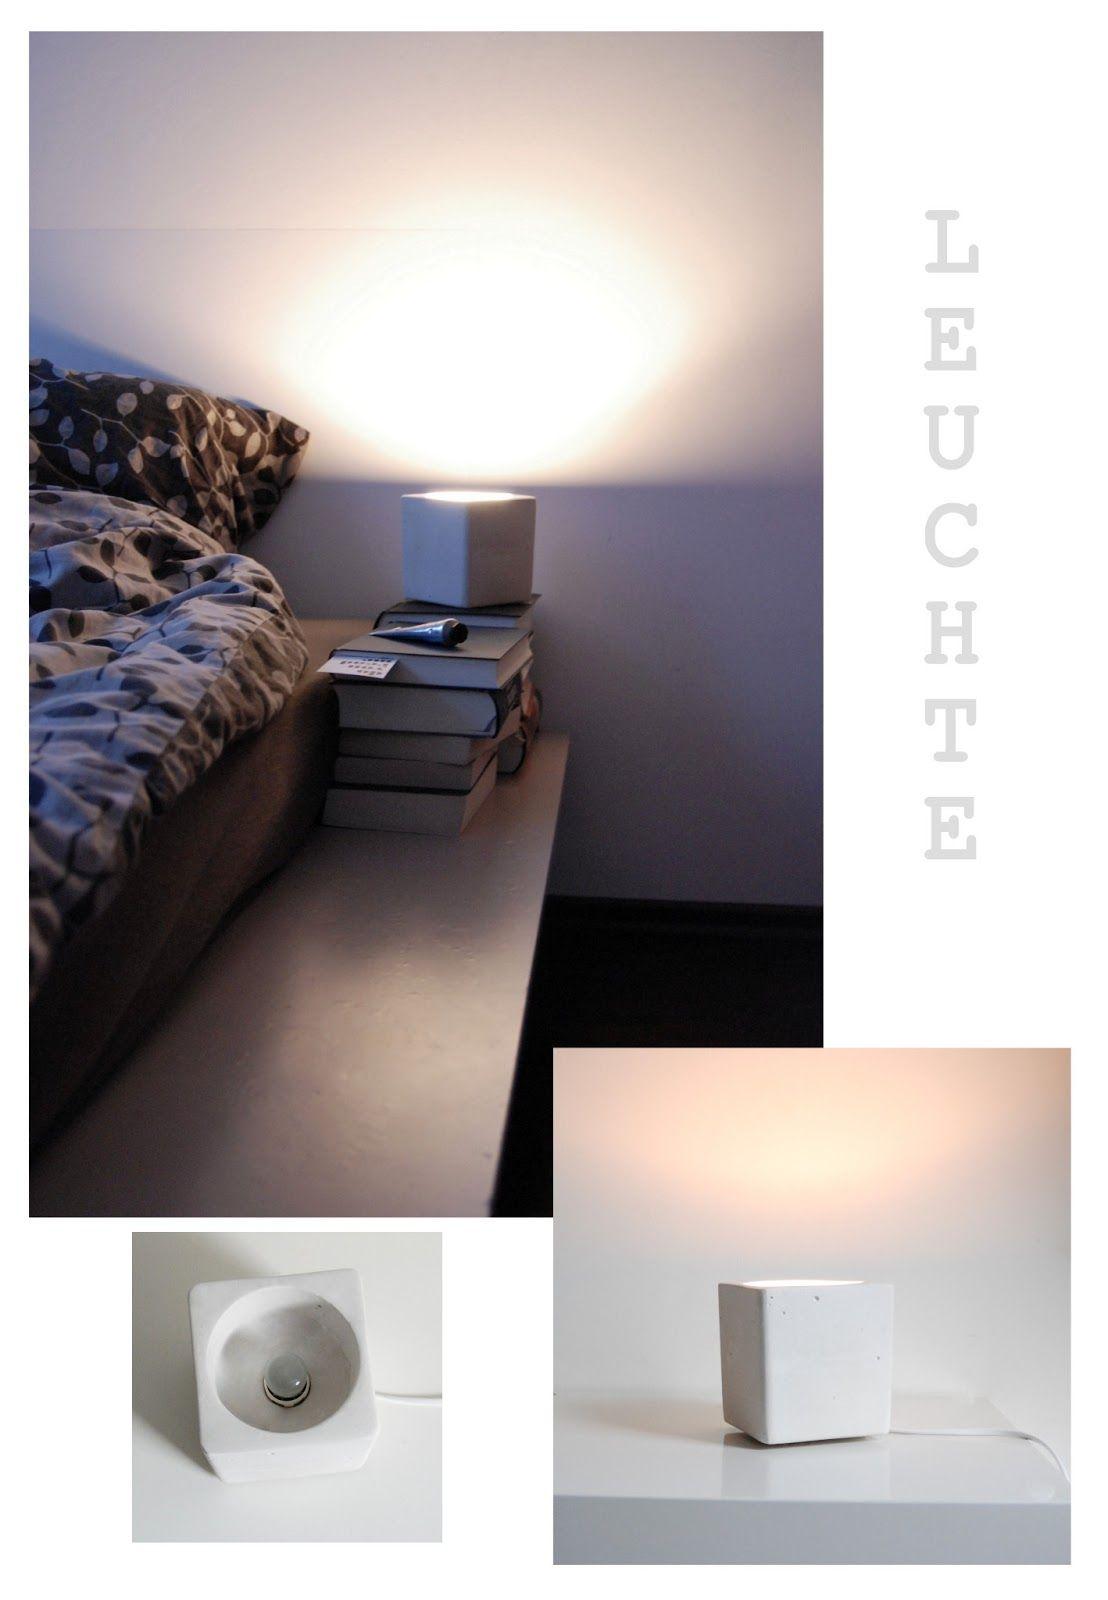 3 plastikgef e tupper quasi eine au enform darin eine kleine in die mitte f r die sp tere. Black Bedroom Furniture Sets. Home Design Ideas